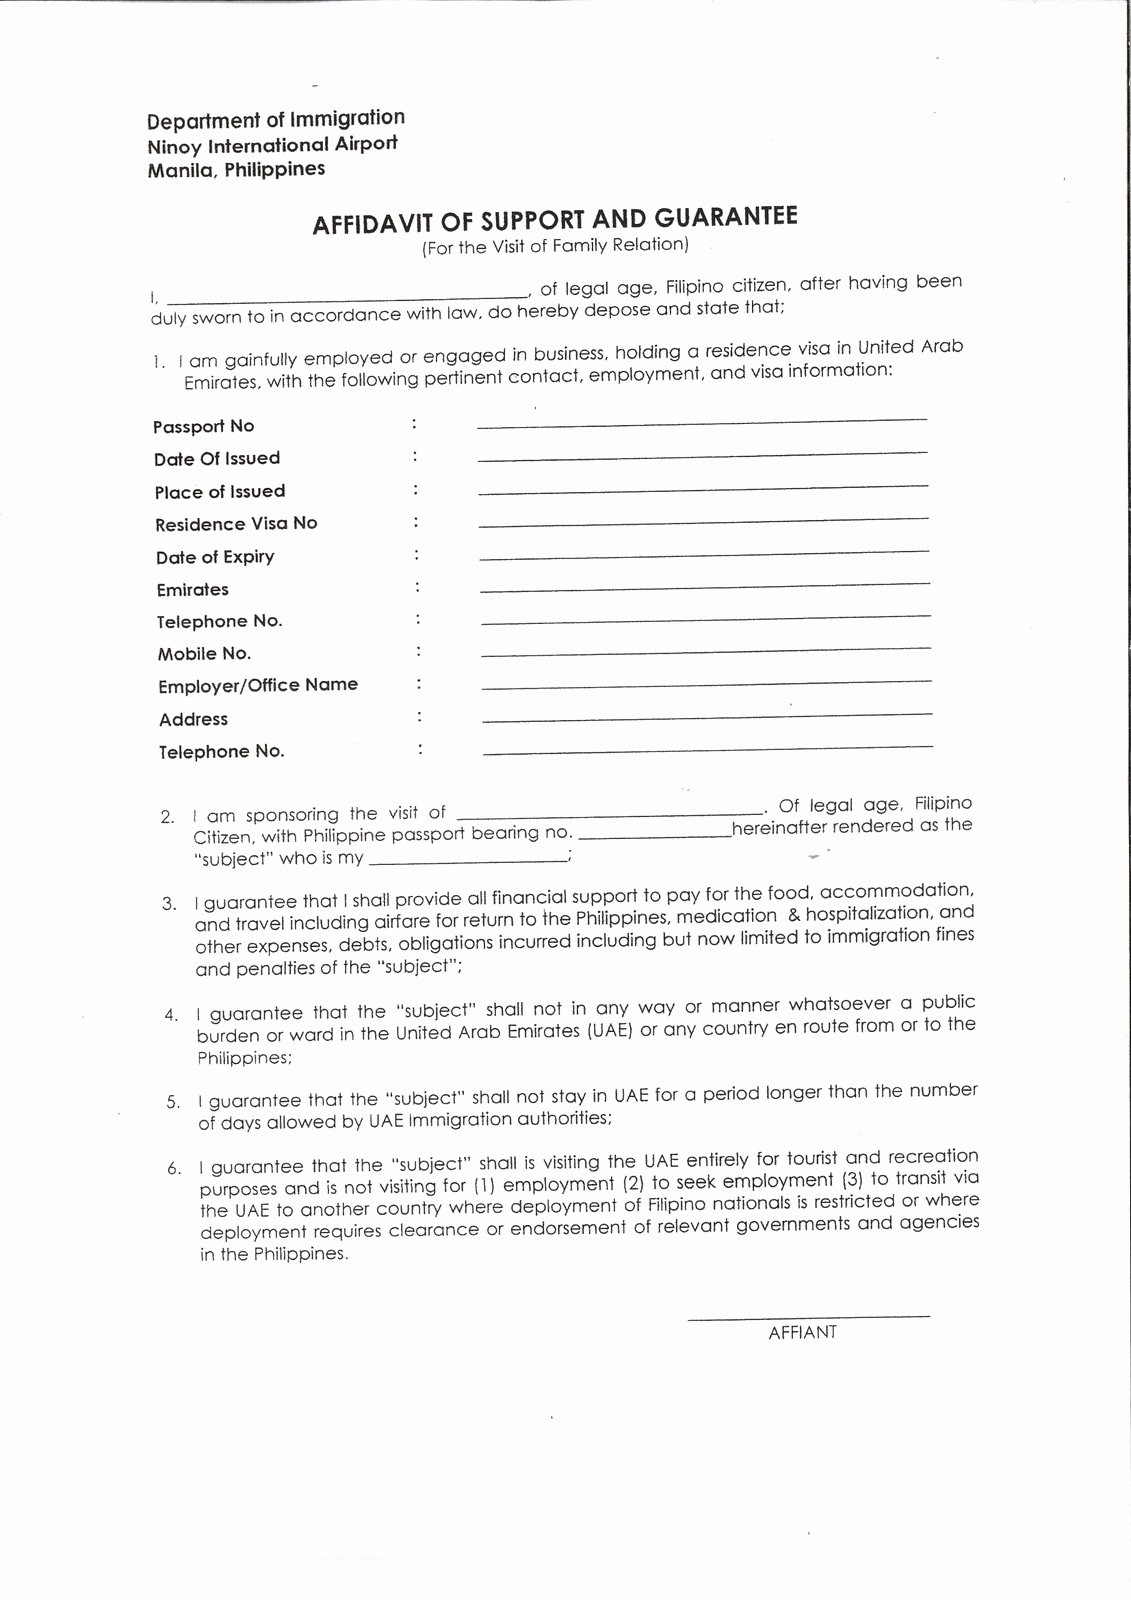 Sample Affidavit Of Support Letter Awesome Affidavit Letter format Example Mughals